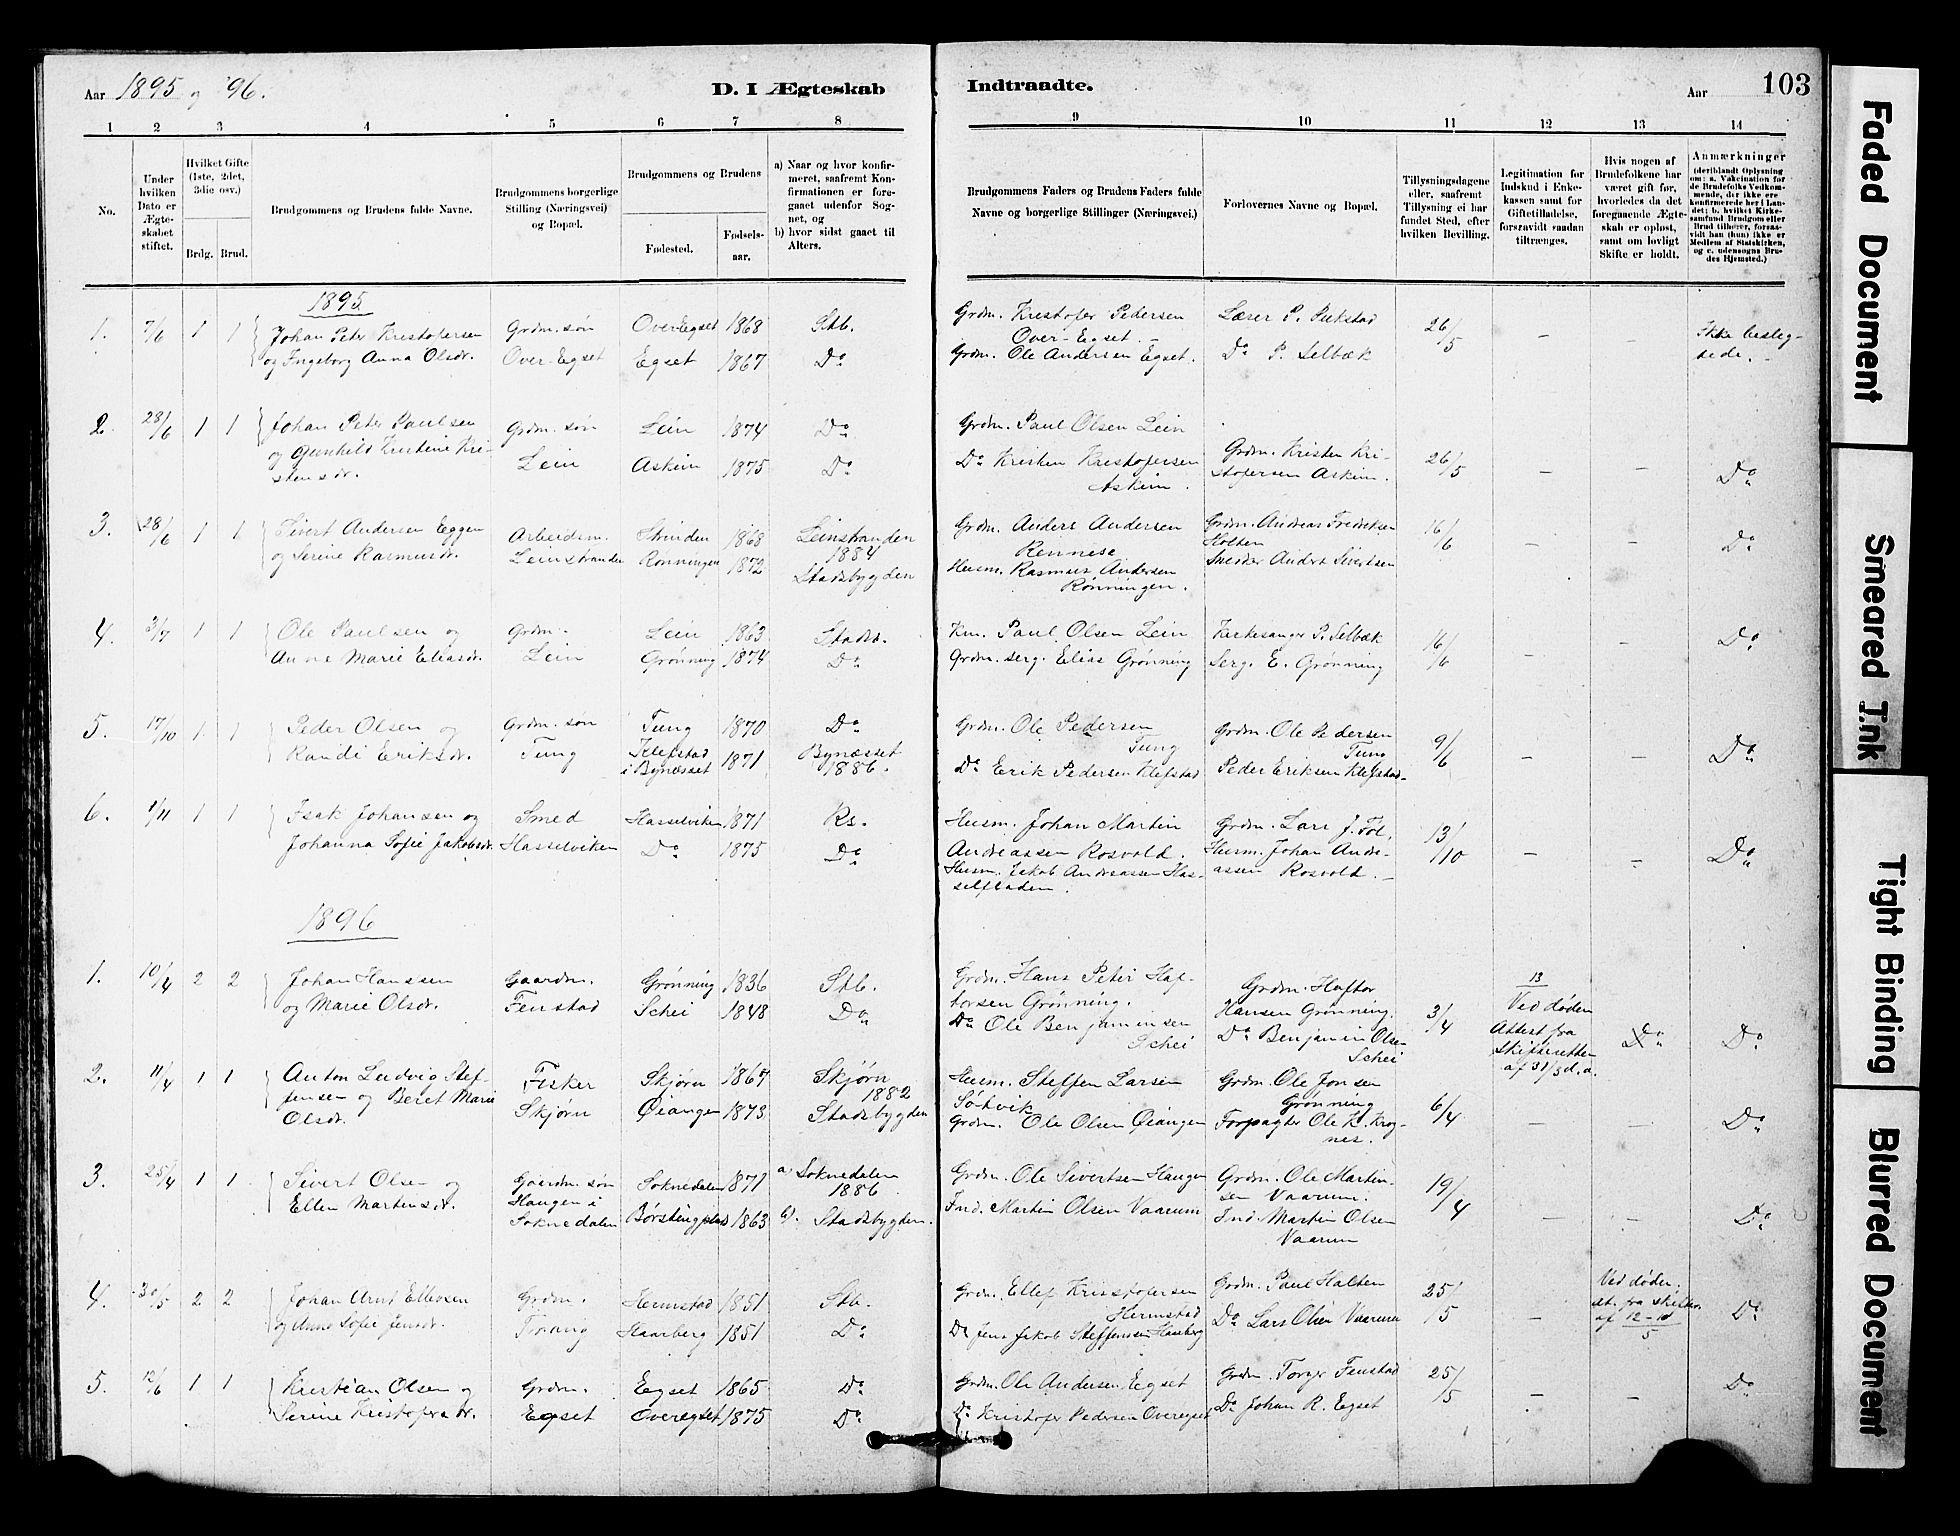 SAT, Ministerialprotokoller, klokkerbøker og fødselsregistre - Sør-Trøndelag, 646/L0628: Klokkerbok nr. 646C01, 1880-1903, s. 103